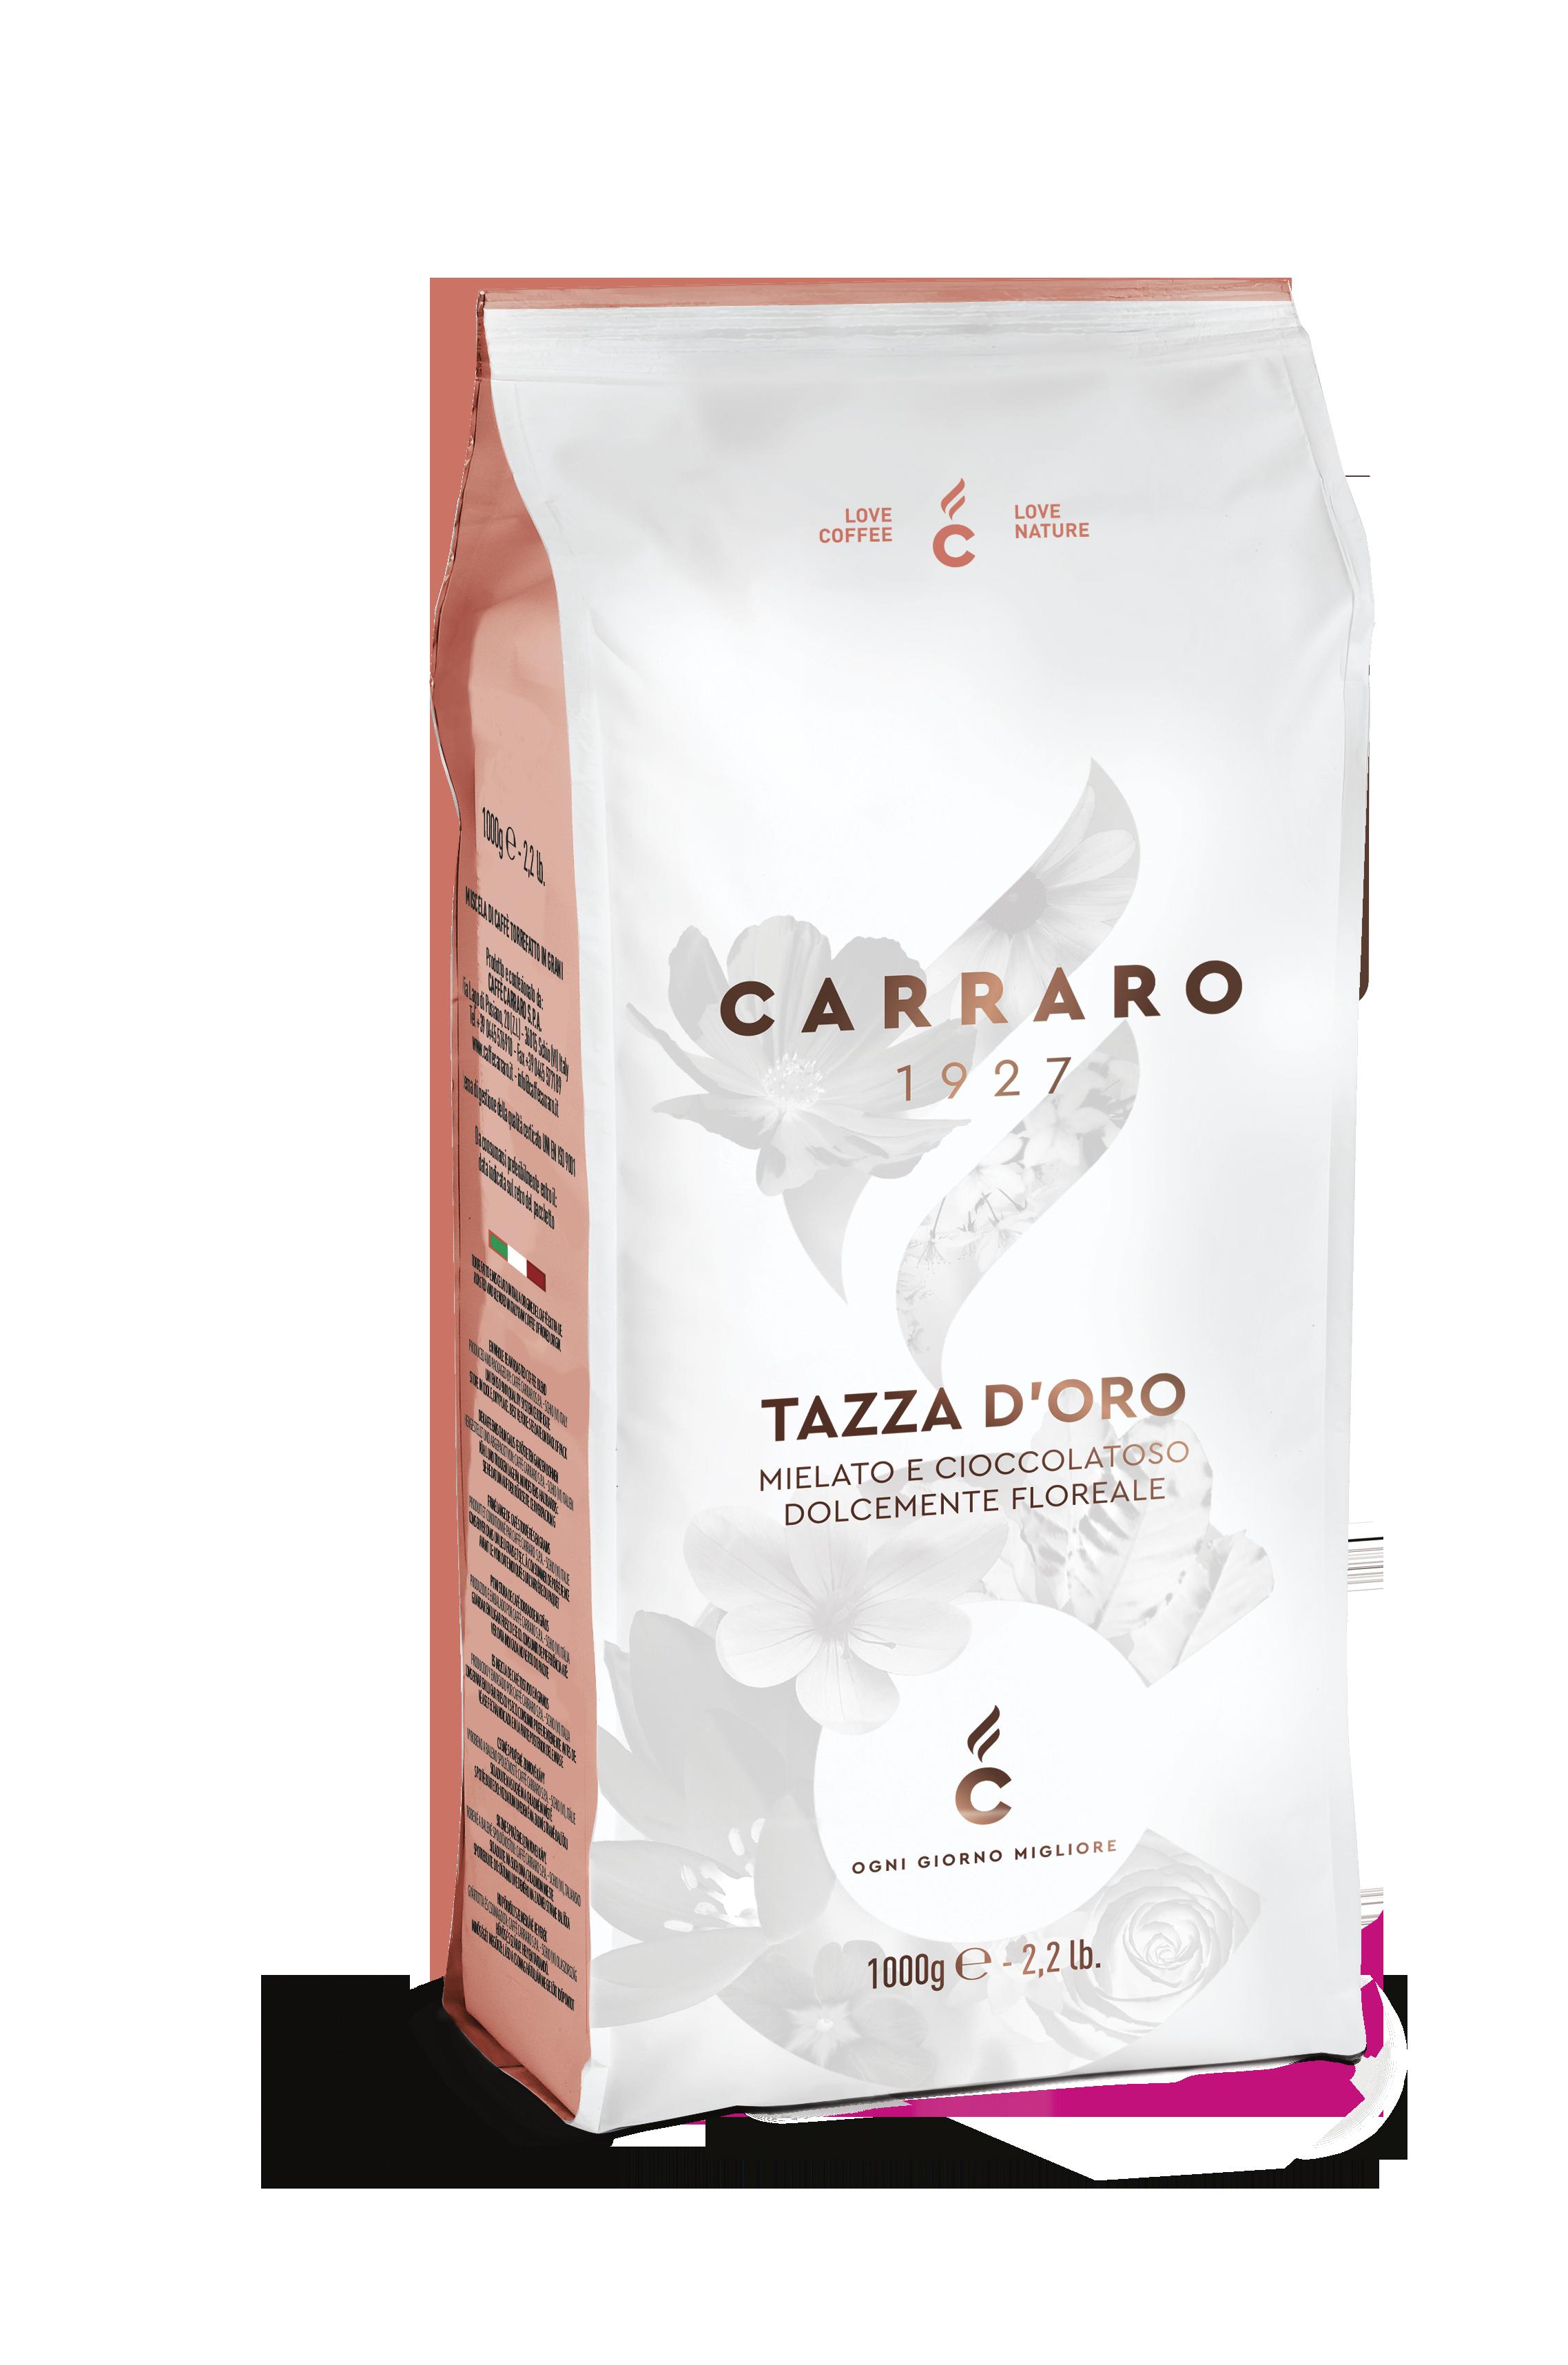 Carraro_1000g_horeca premium_tazza d'oro